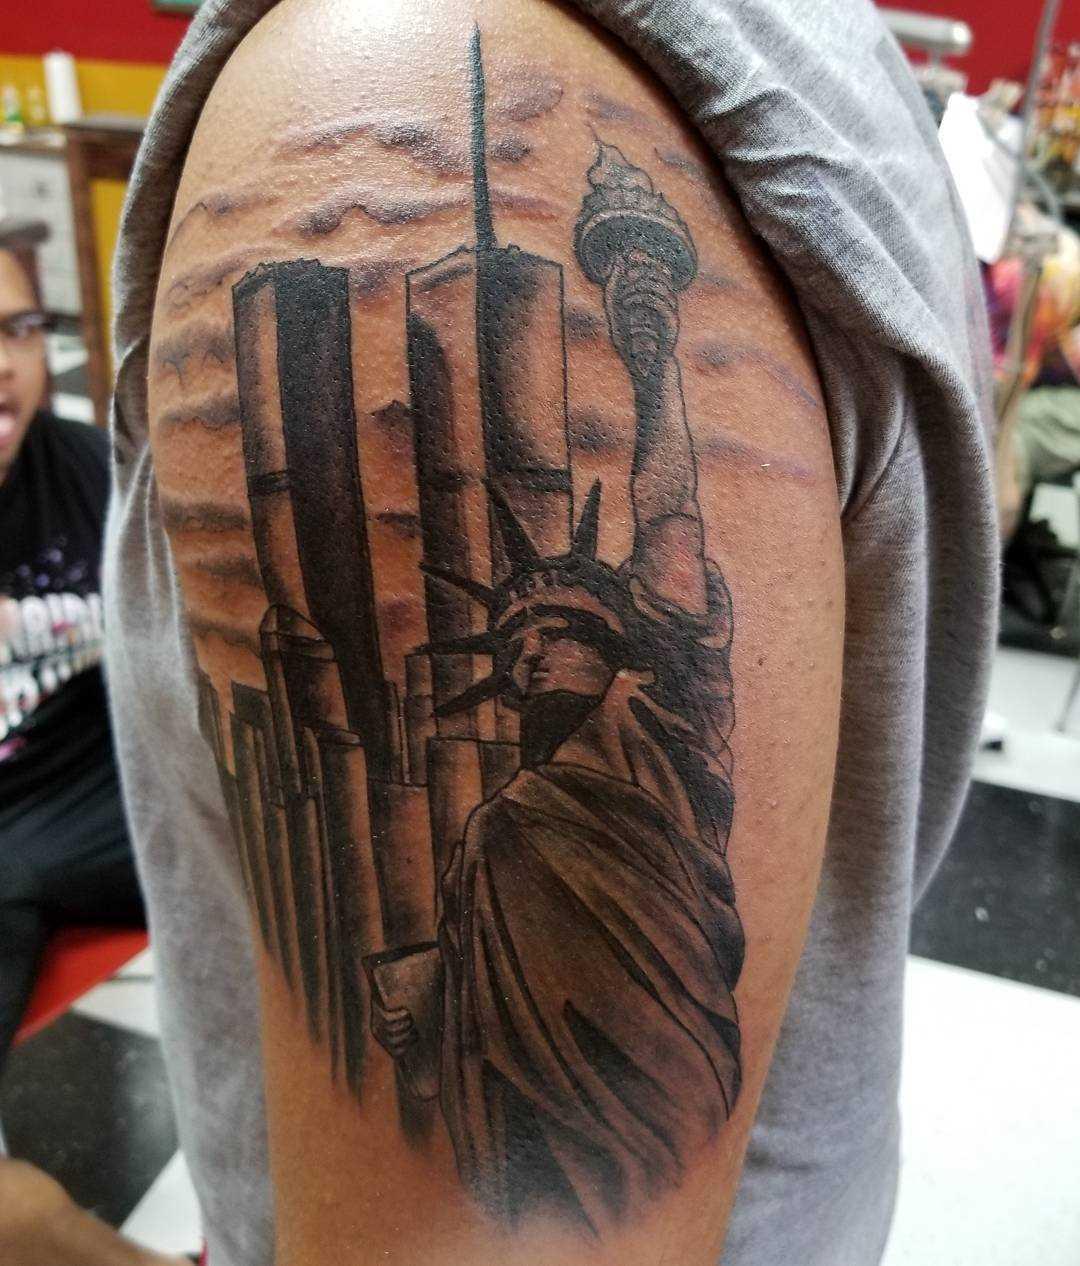 A tatuagem da estátua da liberdade no ombro de homens